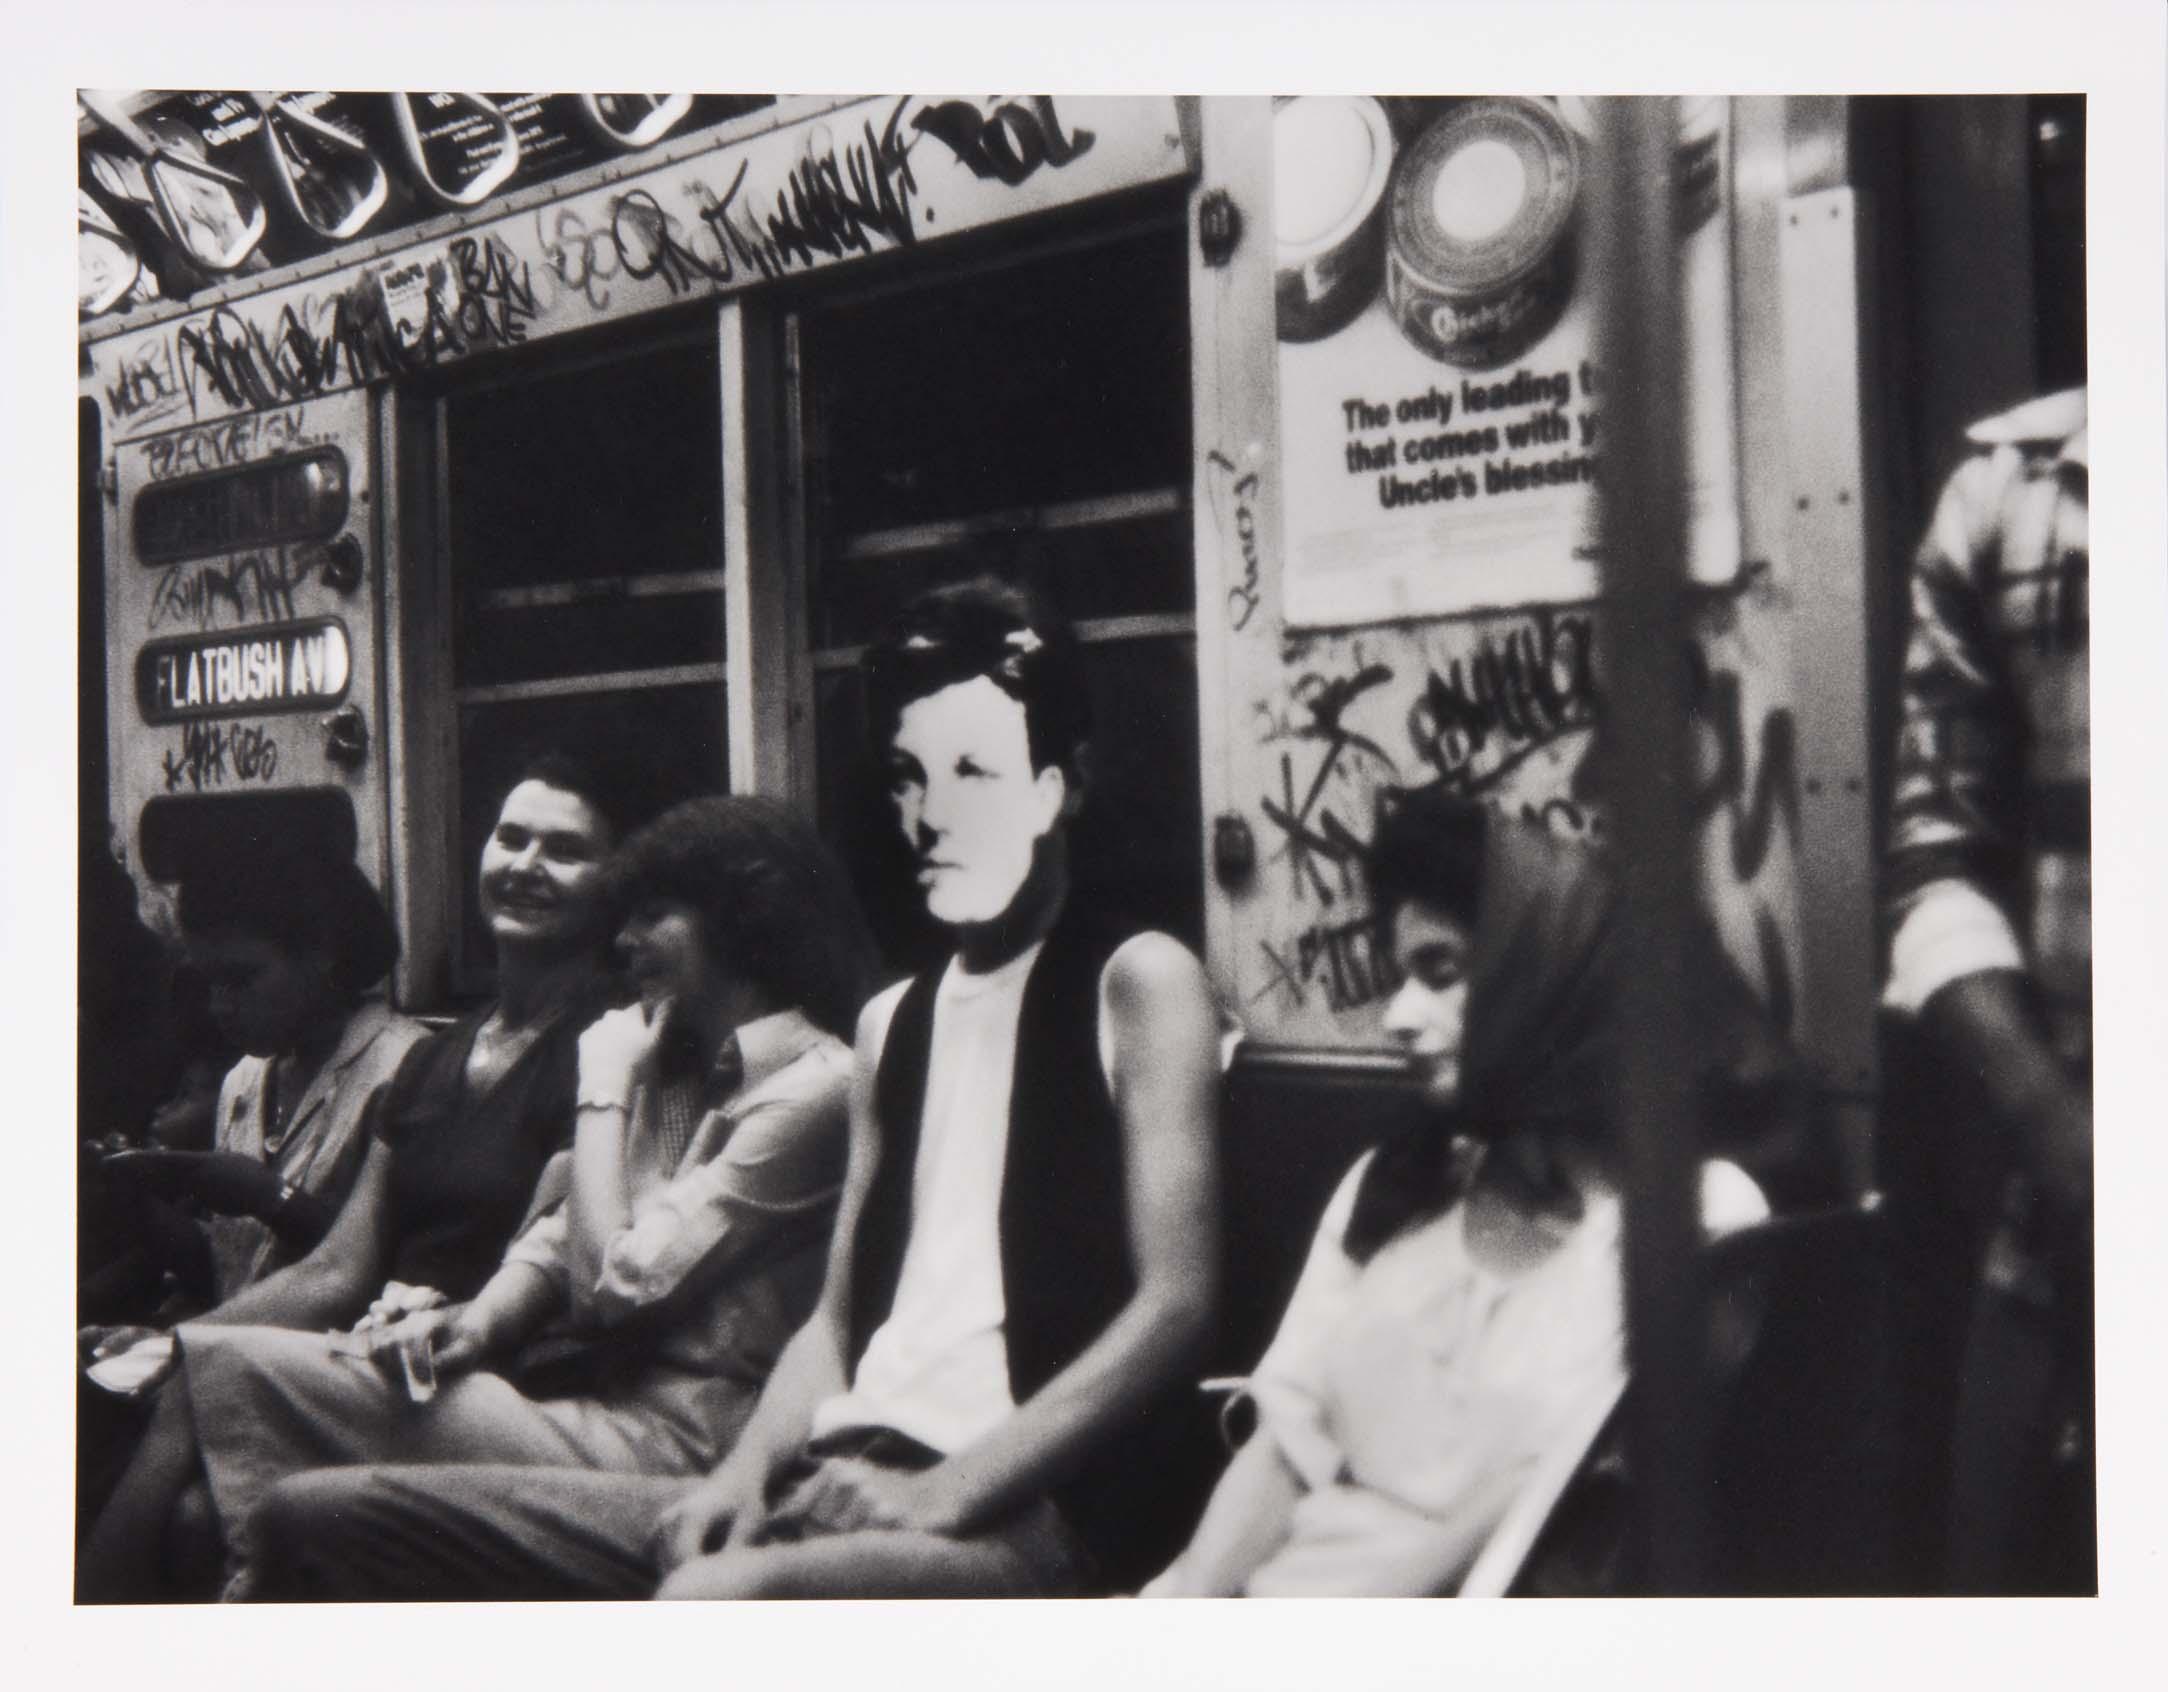 David Wojnarowicz - Arthur Rimbaud in New York 1